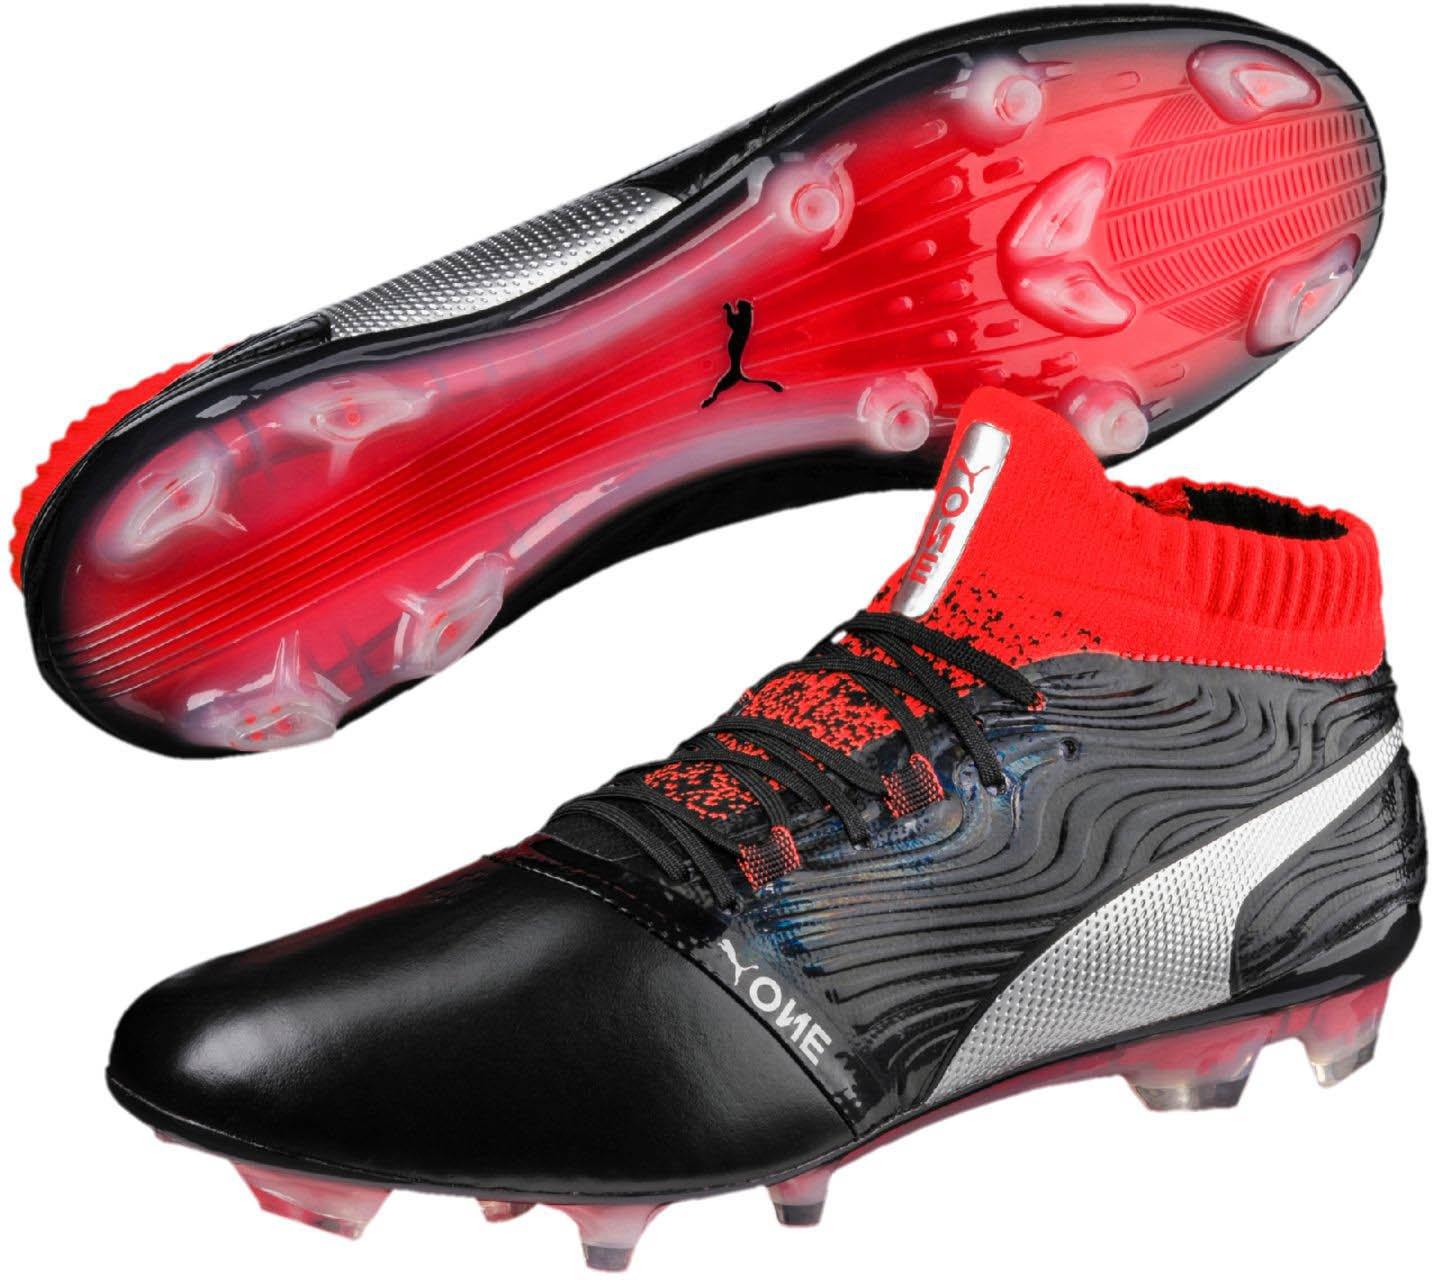 554f3776fdcc Amazon.com  PUMA Mens One 18.1 FG Soccer Shoes  Shoes